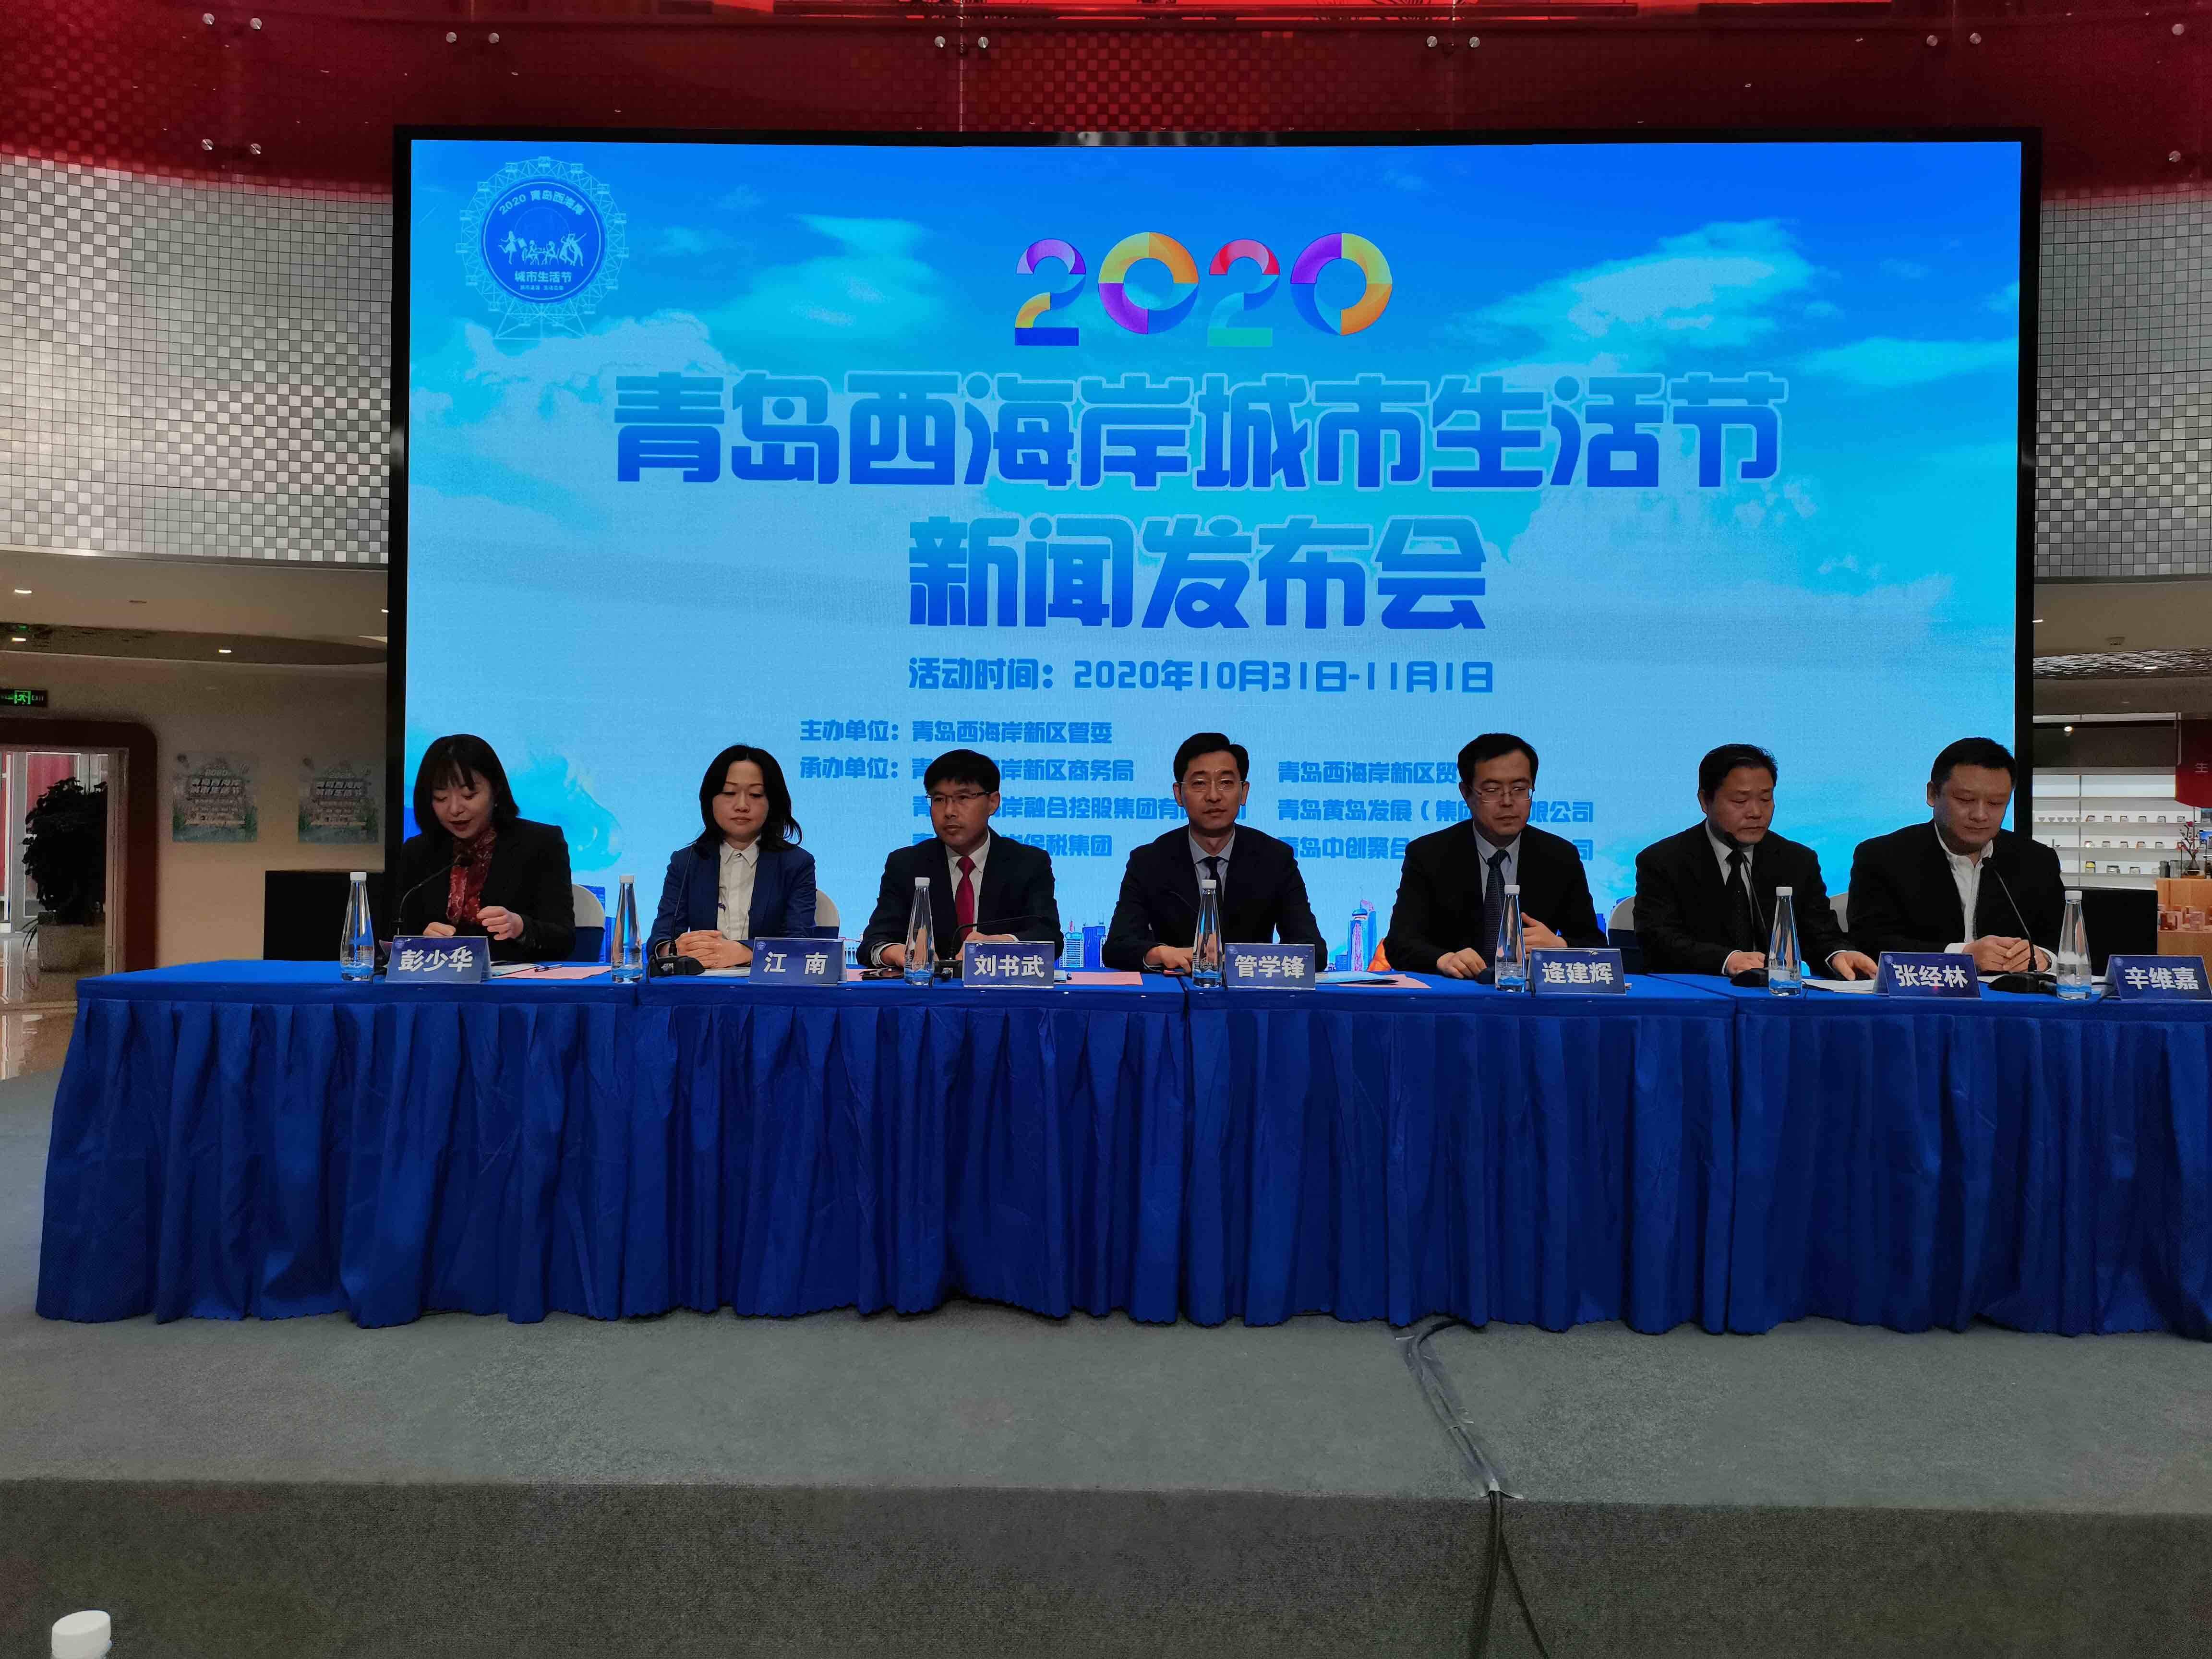 2020青岛西海岸城市生活节将于10月31日启动